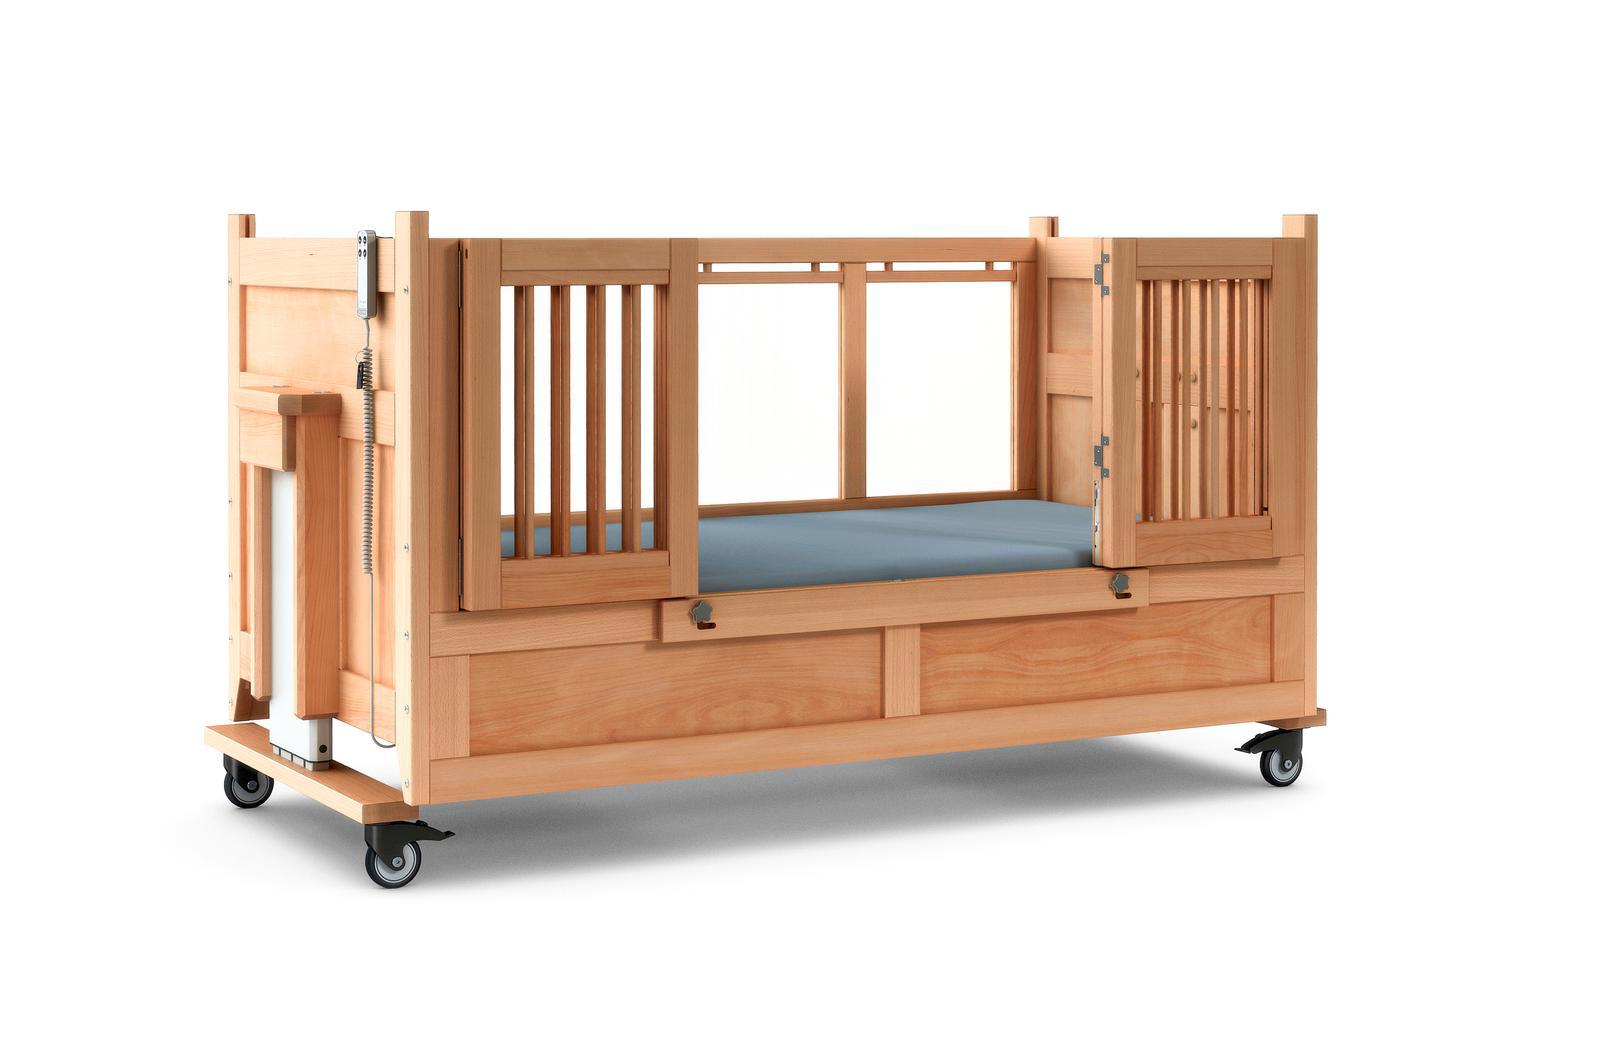 jeremia 68 freistil. Black Bedroom Furniture Sets. Home Design Ideas